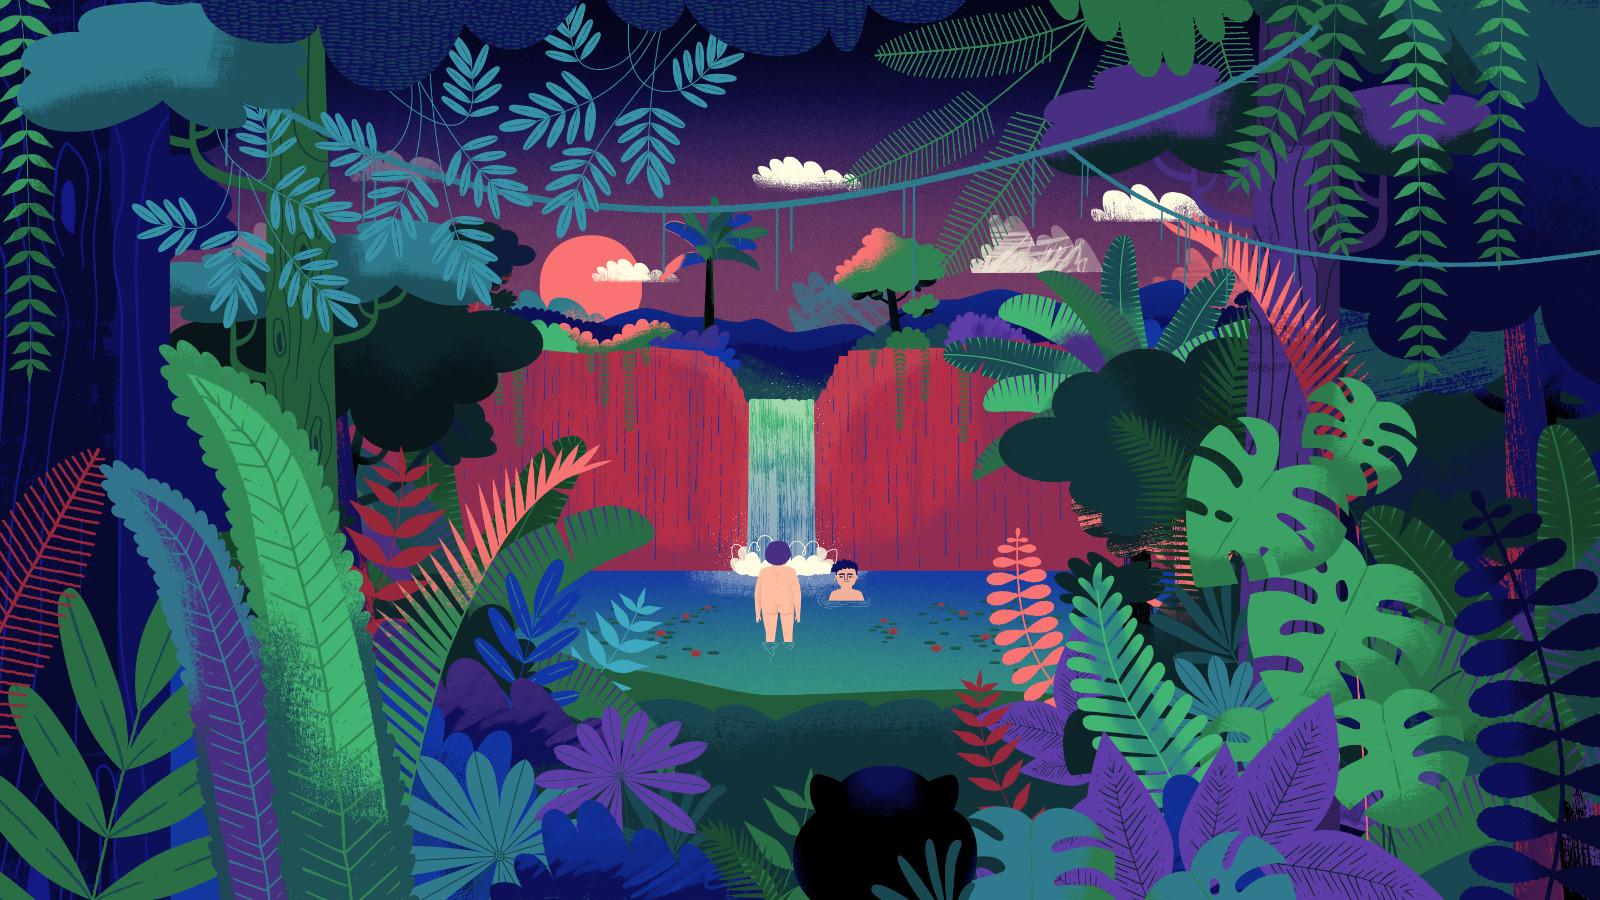 Soja – Topp 3, animerad film, regi och illustration av Sofie Edvardsson. Manus och producerad av Simon Österhof, animation av Jakob Nyström, cel-animation av Salla Lehmus, kompletterande illustrationer av David Karlström, roller av Eric Ernerstedt, Jonas Jonsson och Caroline Johansson Kuhmunen, Soja/SVT (2019).